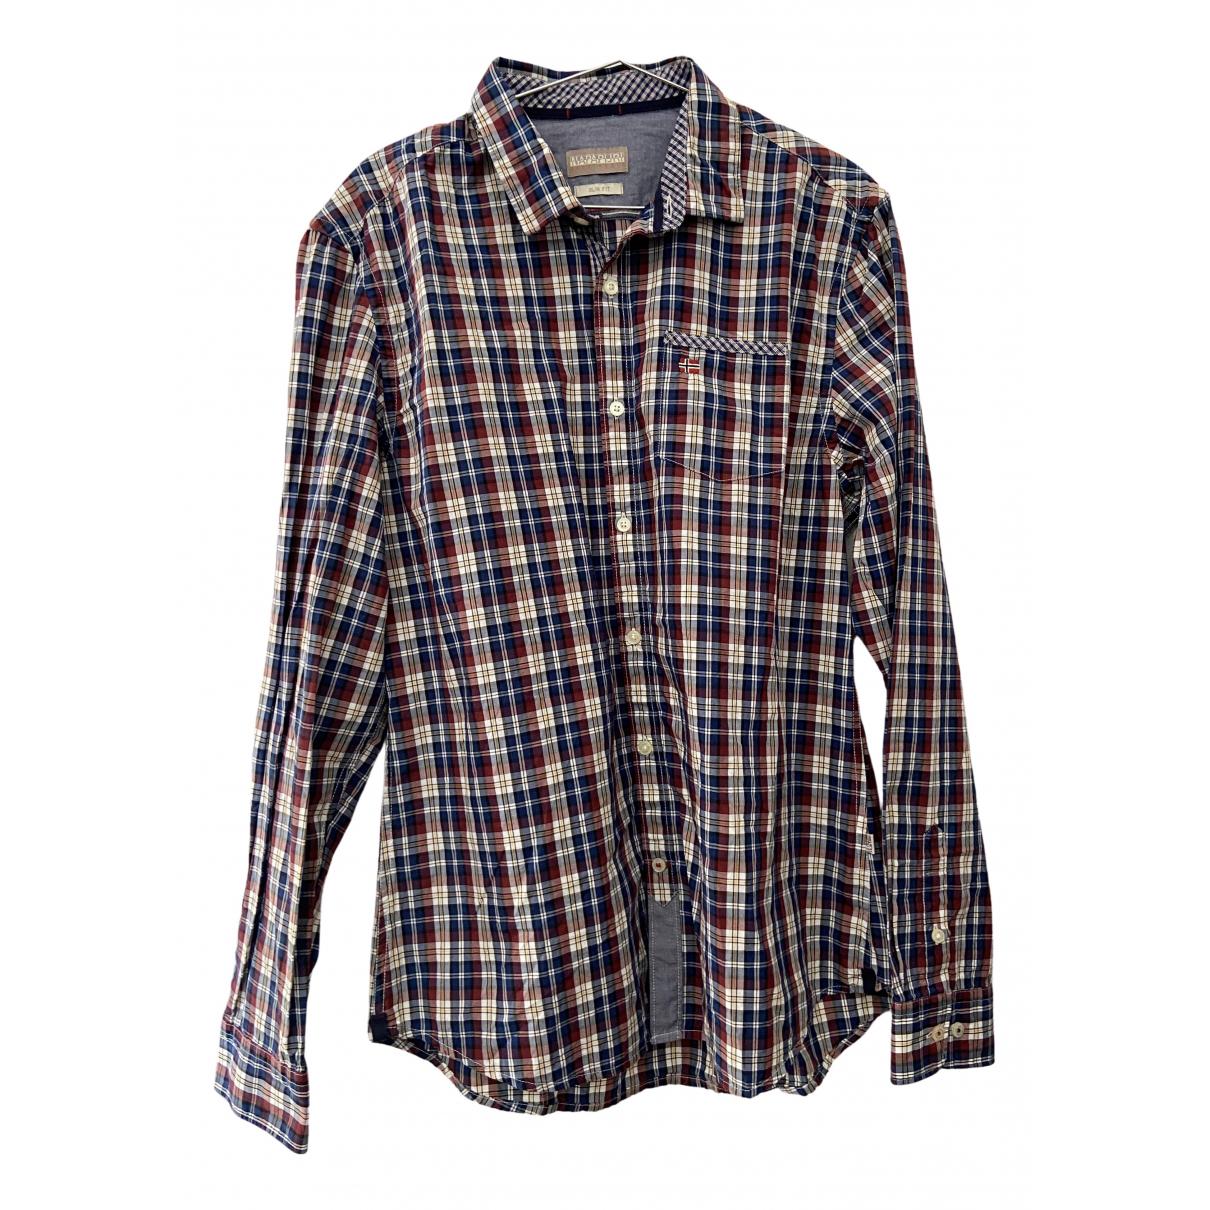 Napapijri - Chemises   pour homme en coton - multicolore